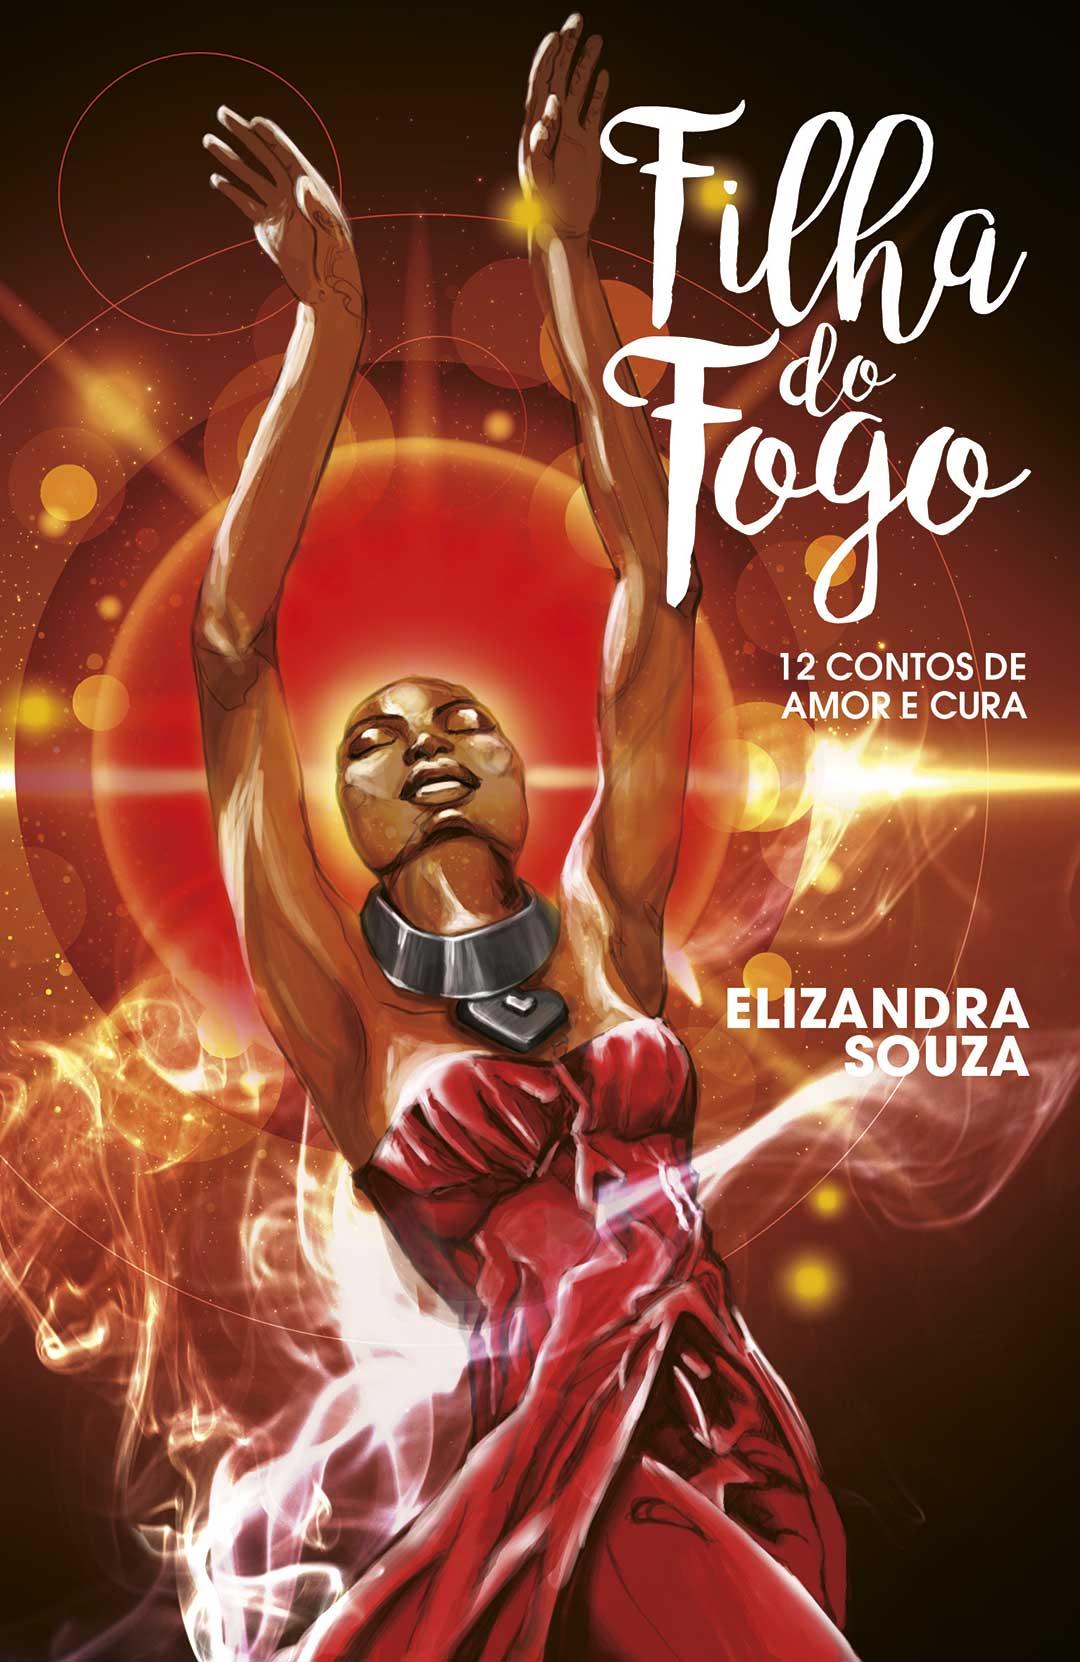 Filha do Fogo - 12 Contos de Amor e Cura - Elizandra Souza